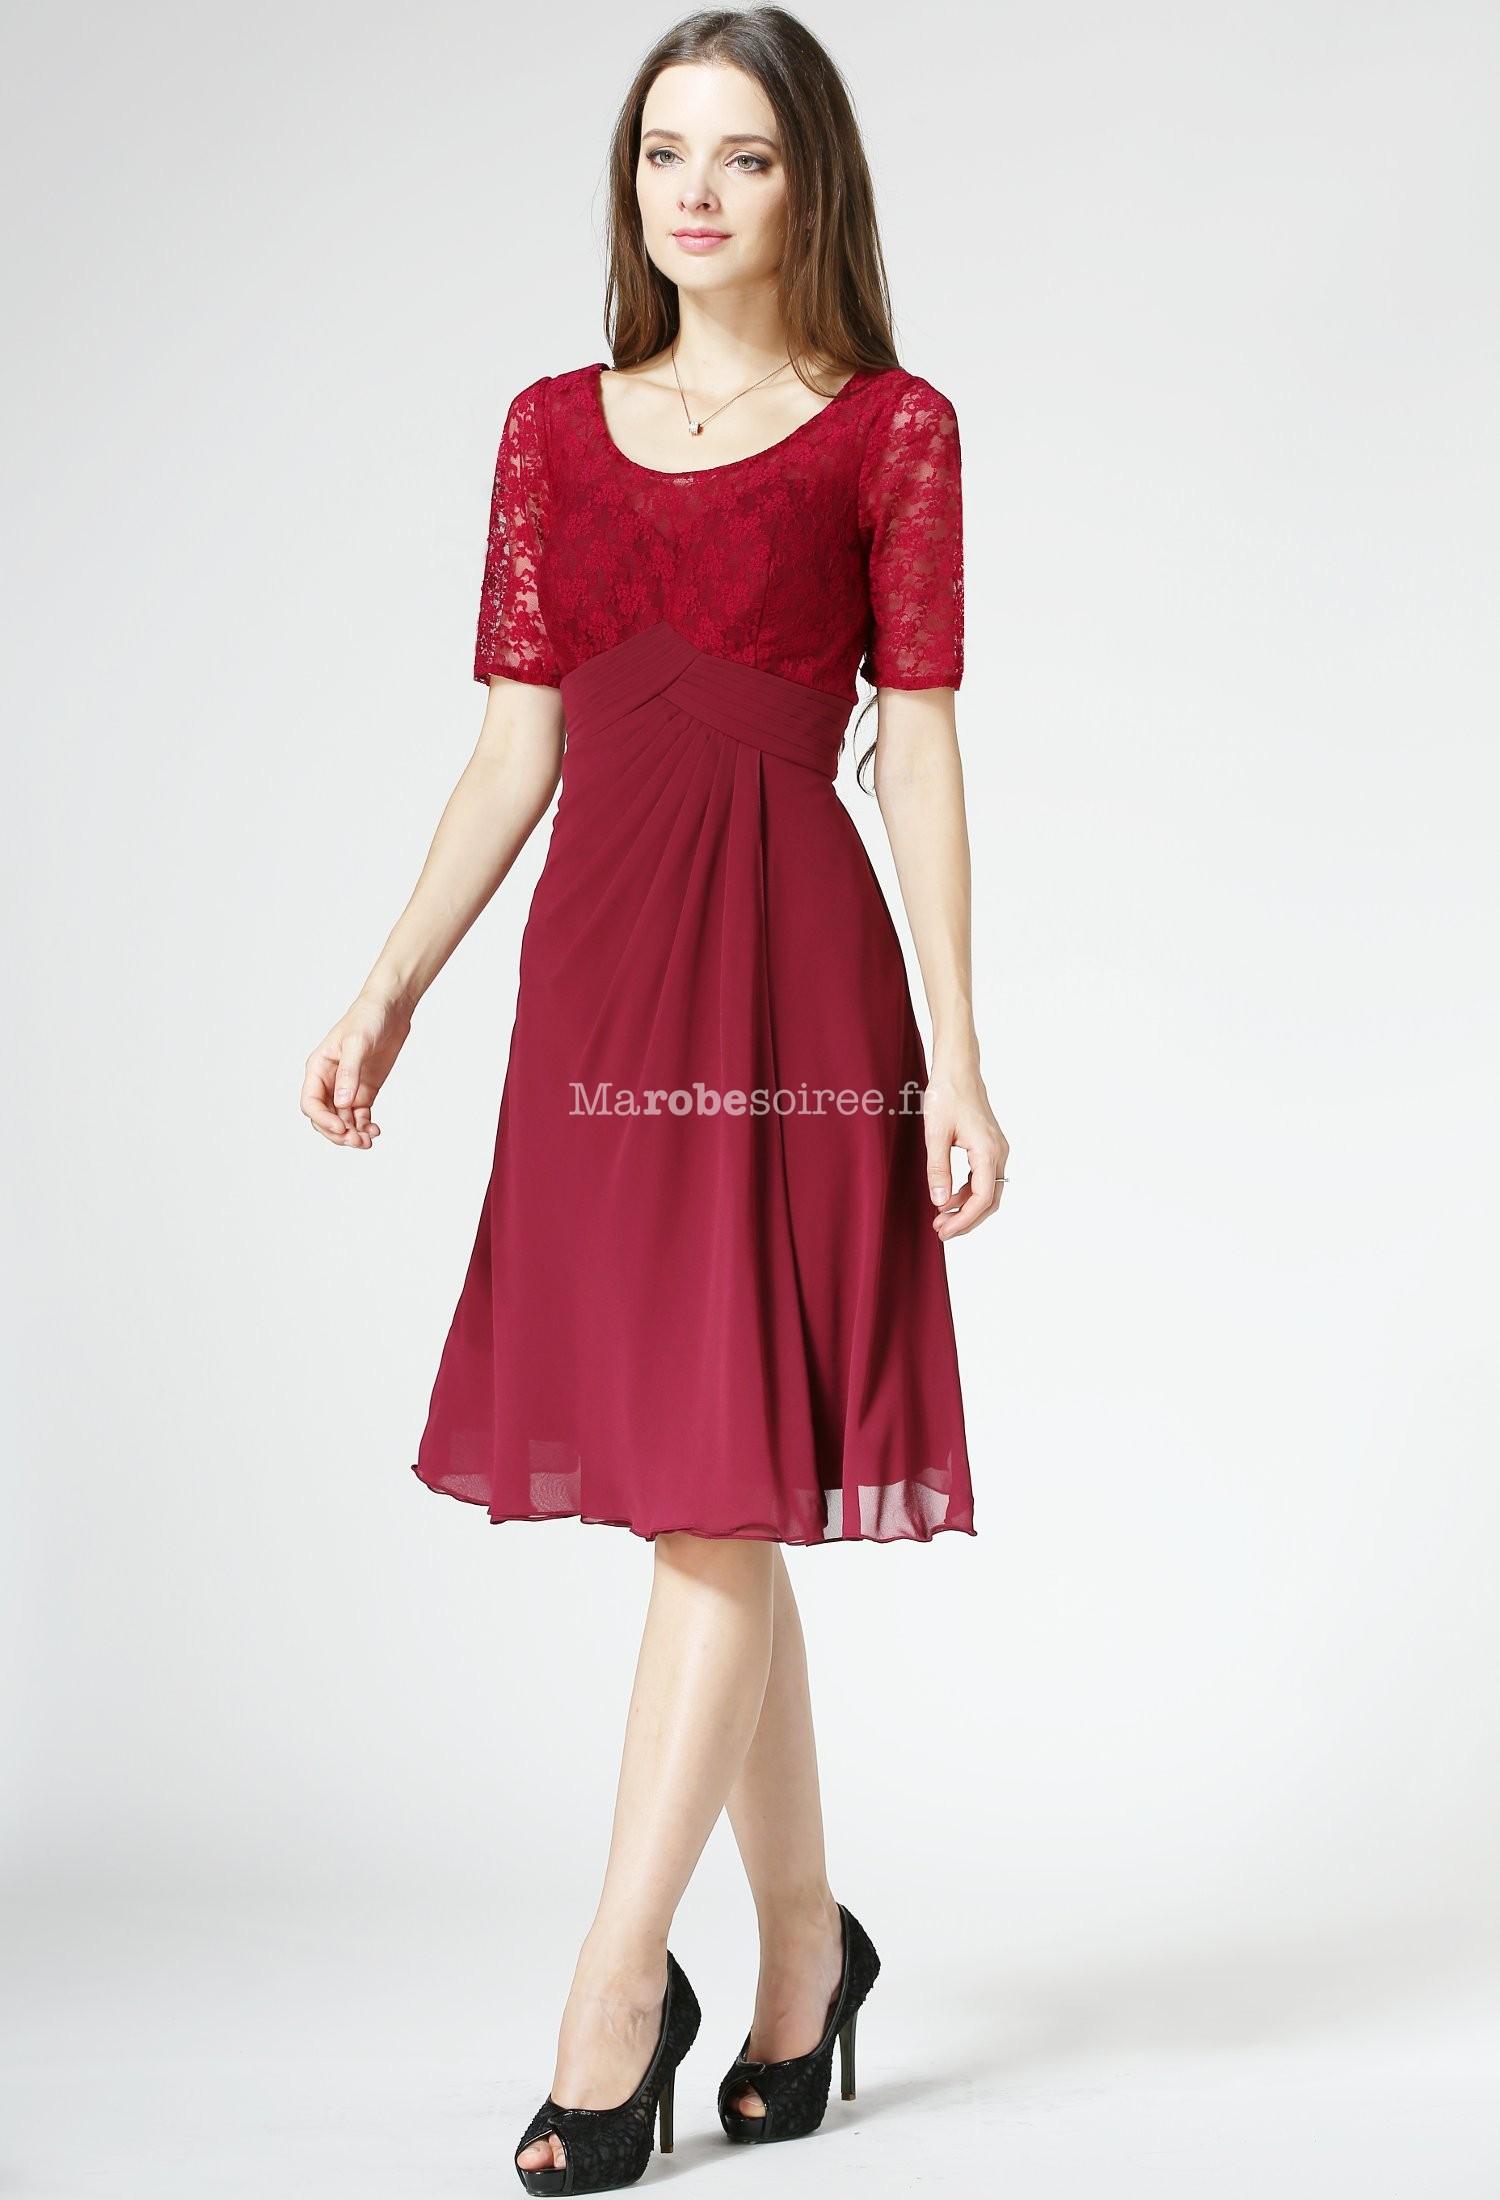 e23195532d8 ... manches et bustier dentelle fleuri réf 1520. Robe de mère de mariée  courte ...